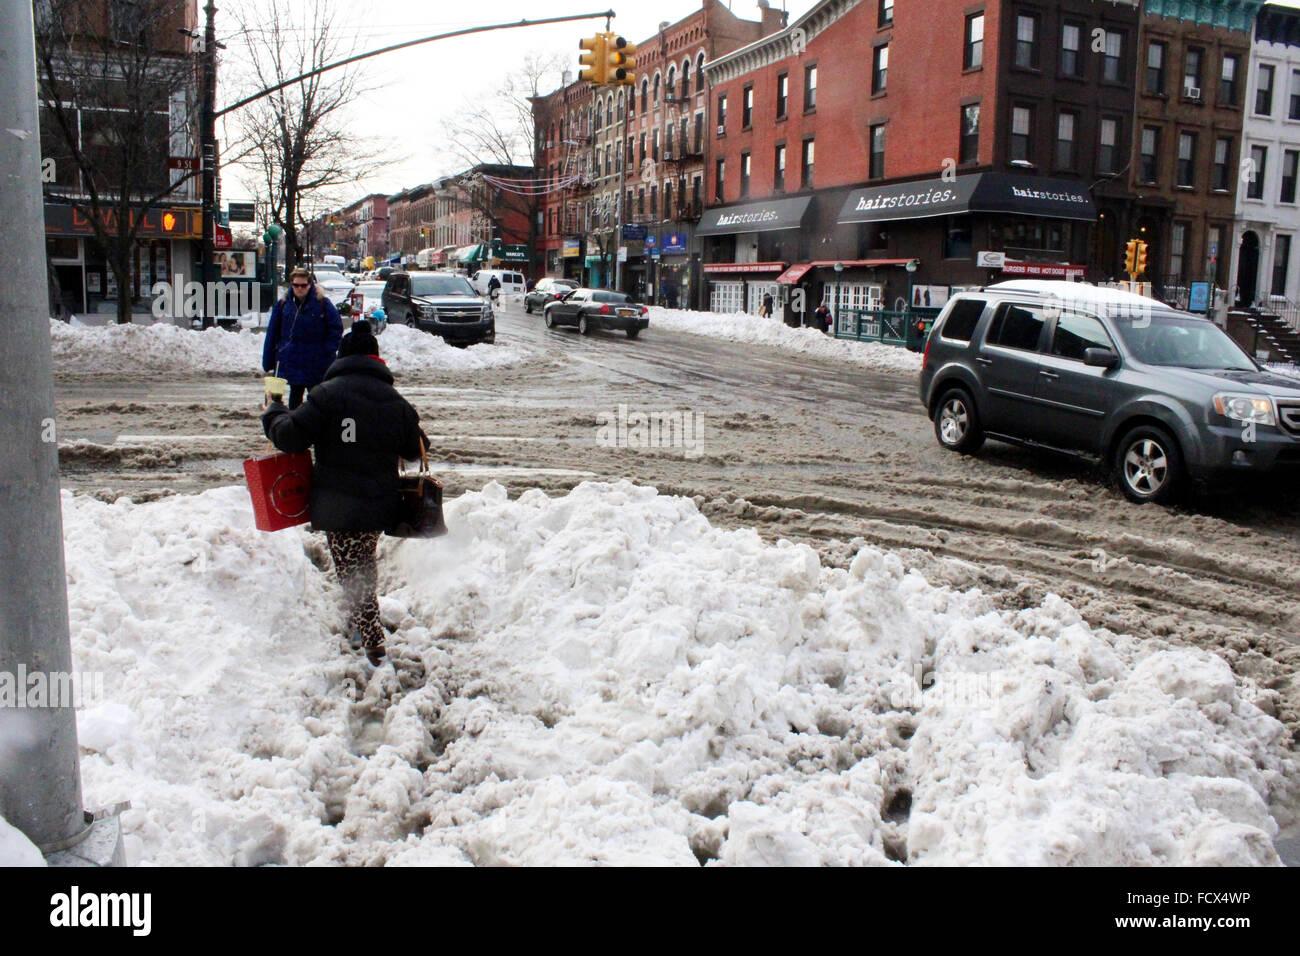 New York, USA. 25th January, 2016. jonas new york snow storm 2016 Credit:  simon leigh/Alamy Live News Stock Photo